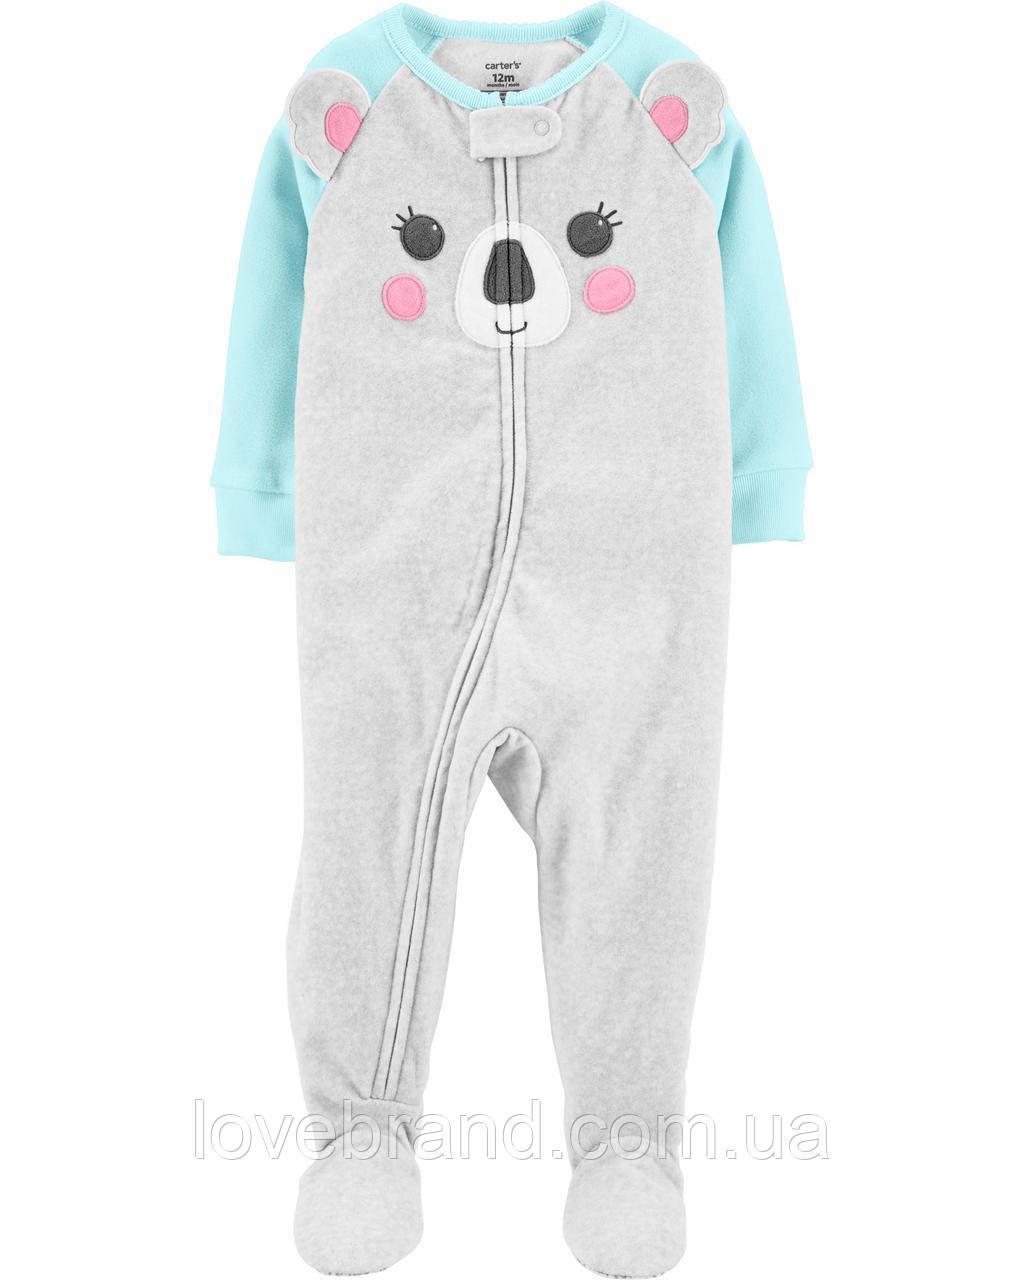 """Флисовый слип пижама для девочки Carter's """"Коала"""" с ножками 12 мес/72-78 см"""